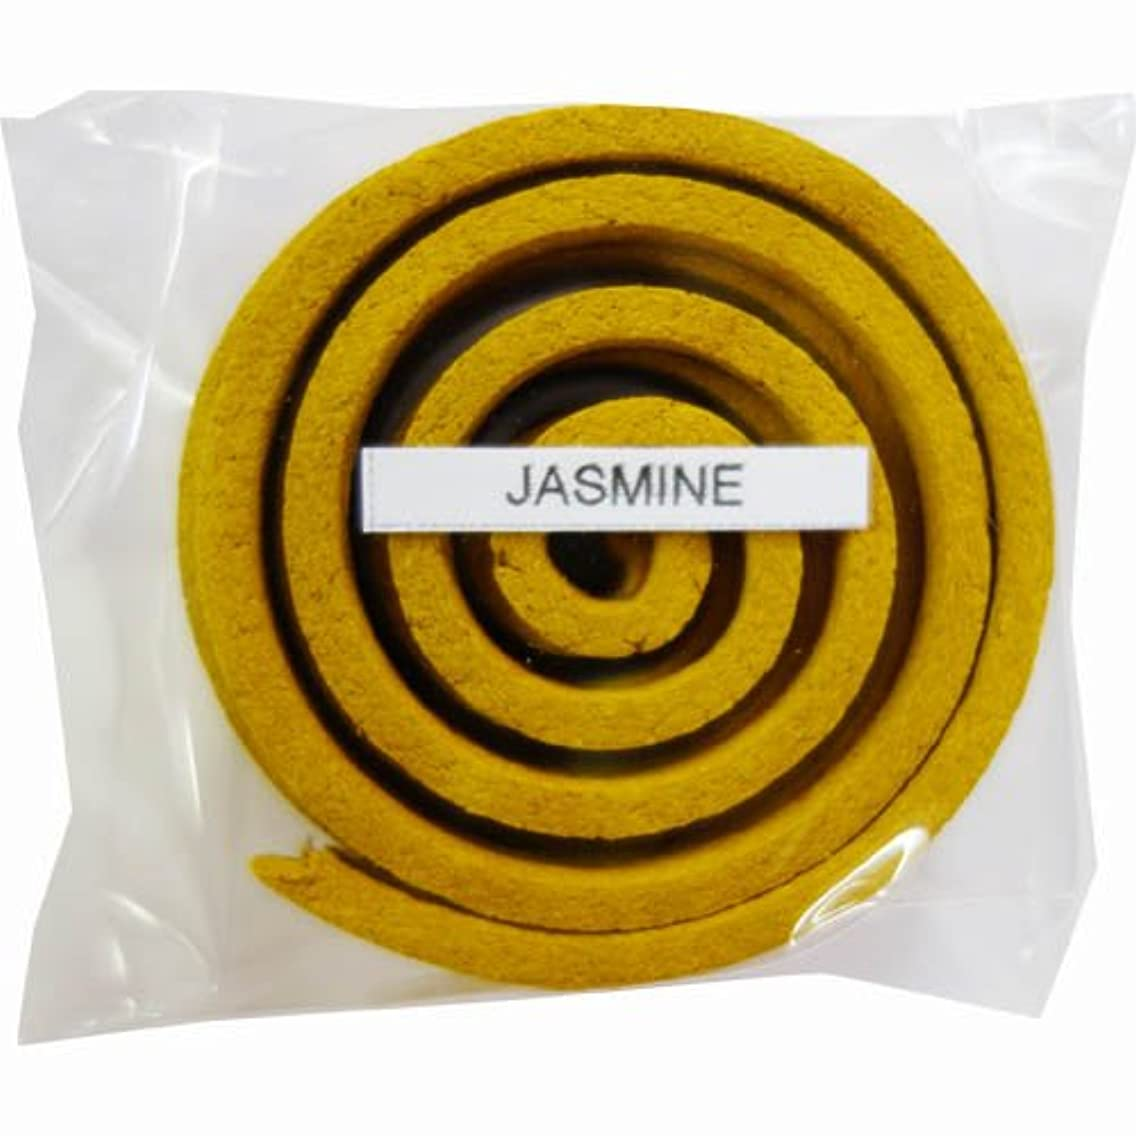 活性化ナプキン落ち着かないお香/うずまき香 JASMINE ジャスミン 直径5cm×5巻セット [並行輸入品]